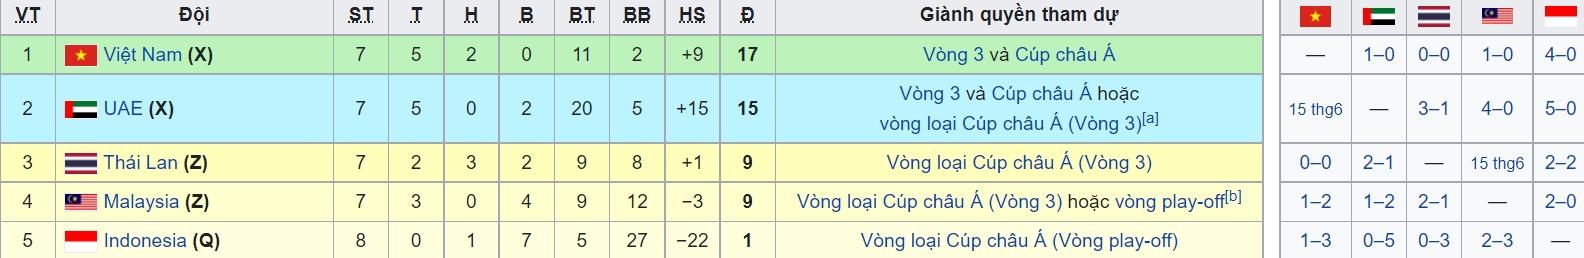 Nhận định trận đấu Việt Nam vs UAE: Chờ đợi giây phút lịch sử  3